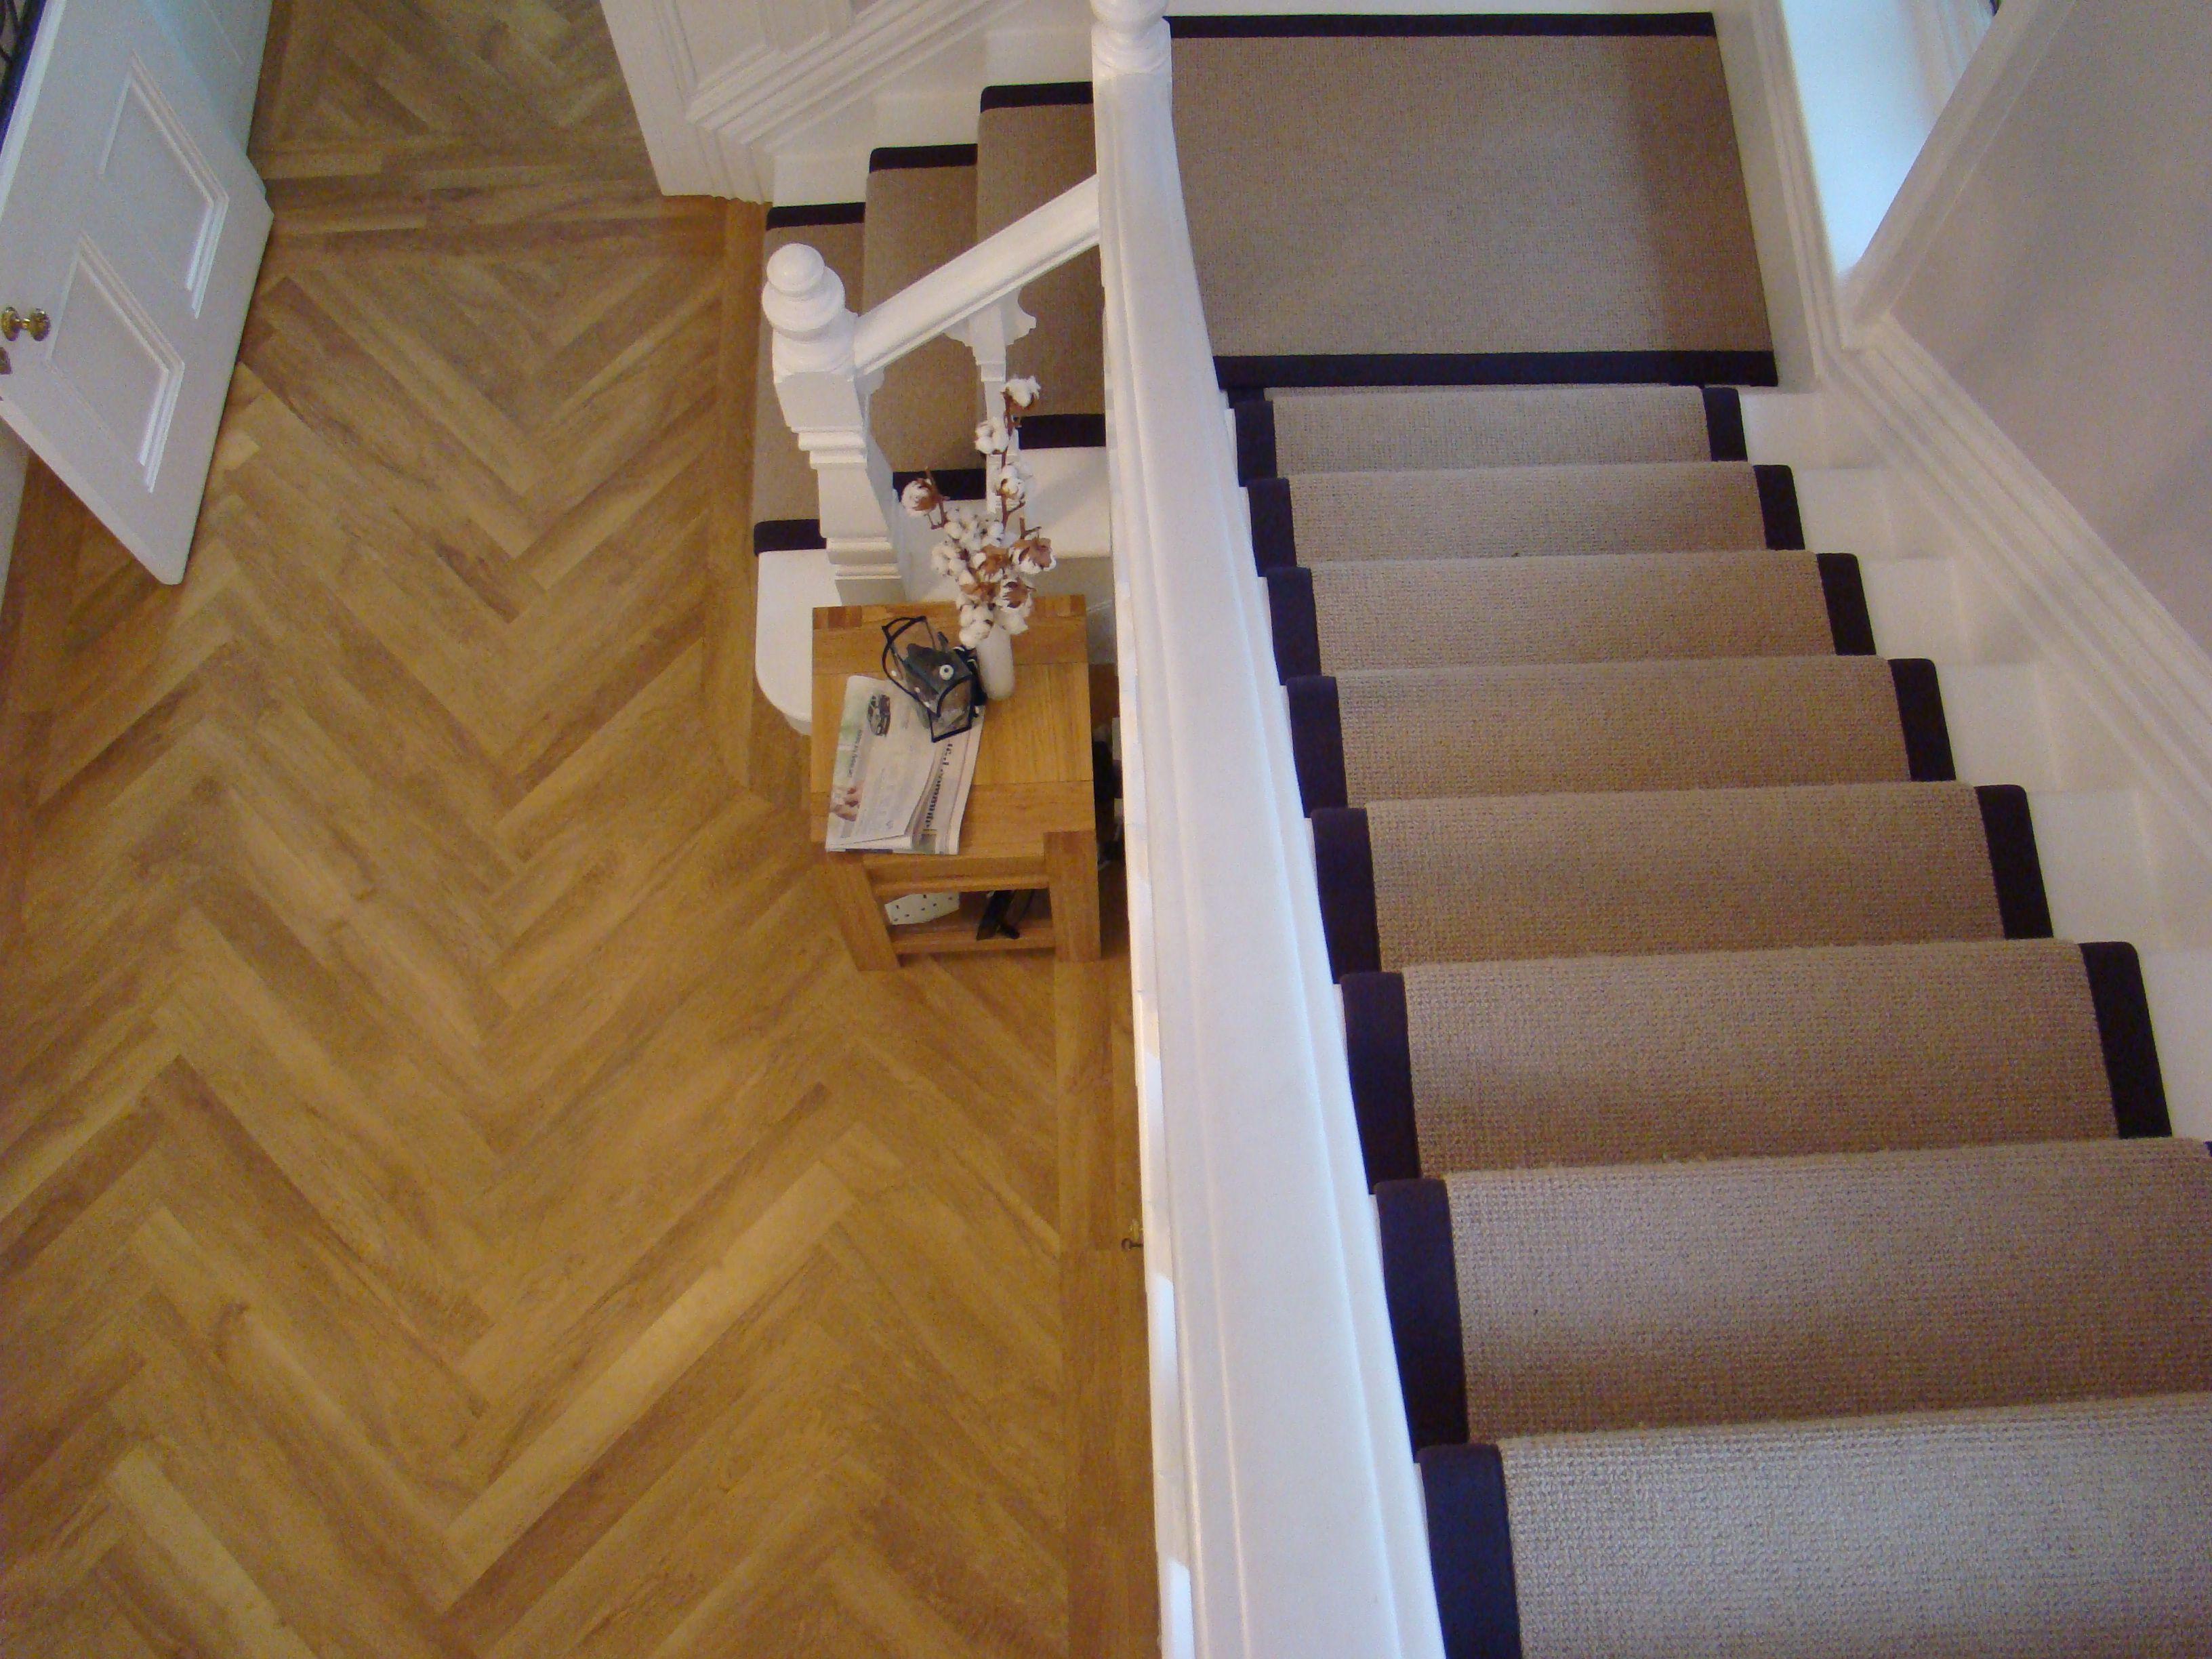 Karndean S Knight Tile In Shannon Oak Laid In A Herringbone Style Luxury Vinyl Tile House